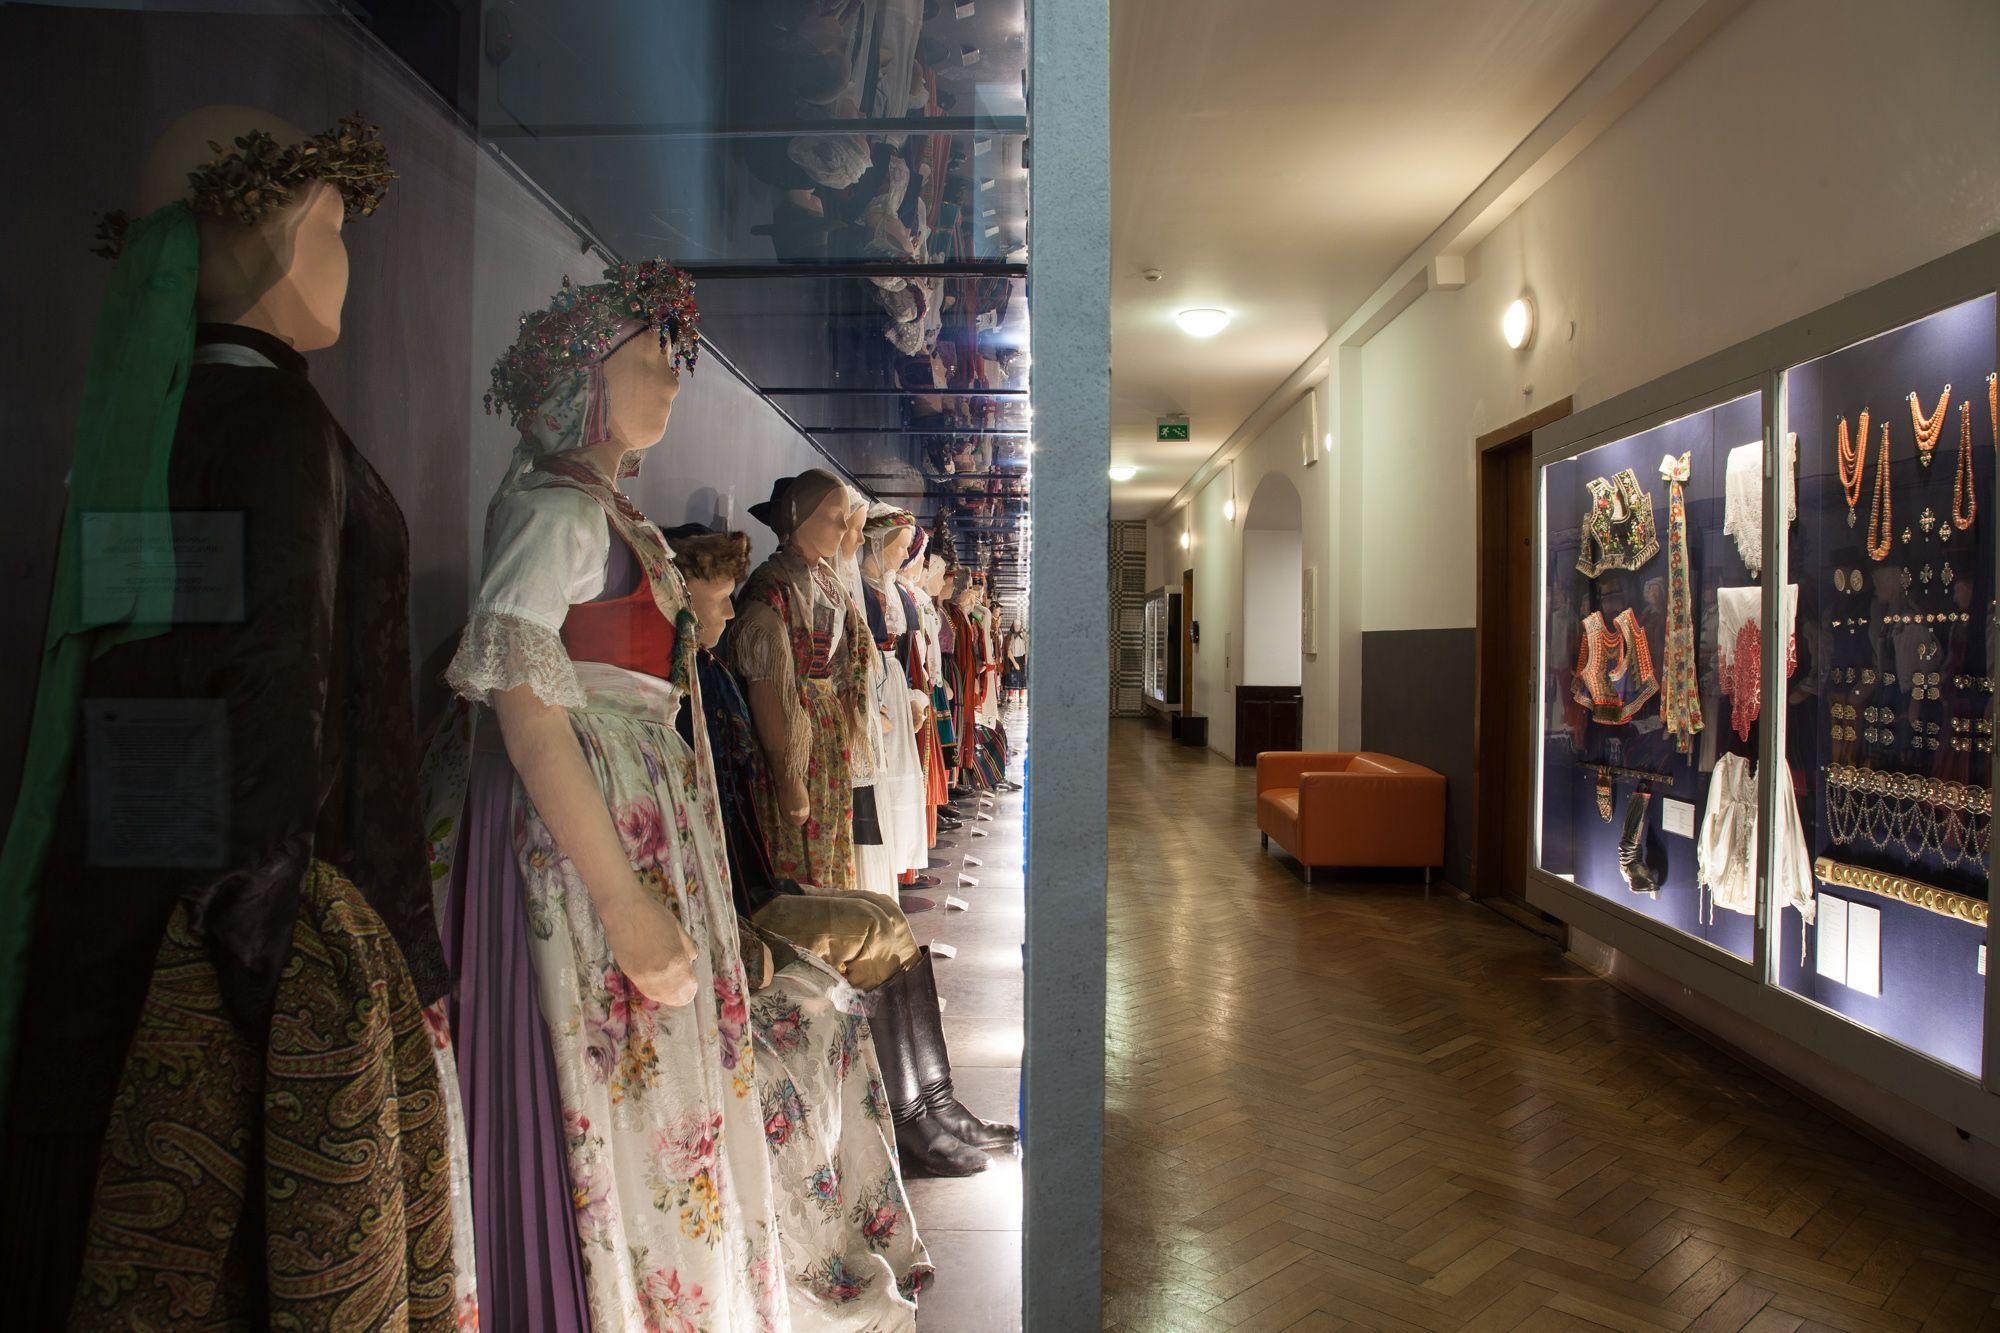 Muzeum to także wystawa strojów ludowych